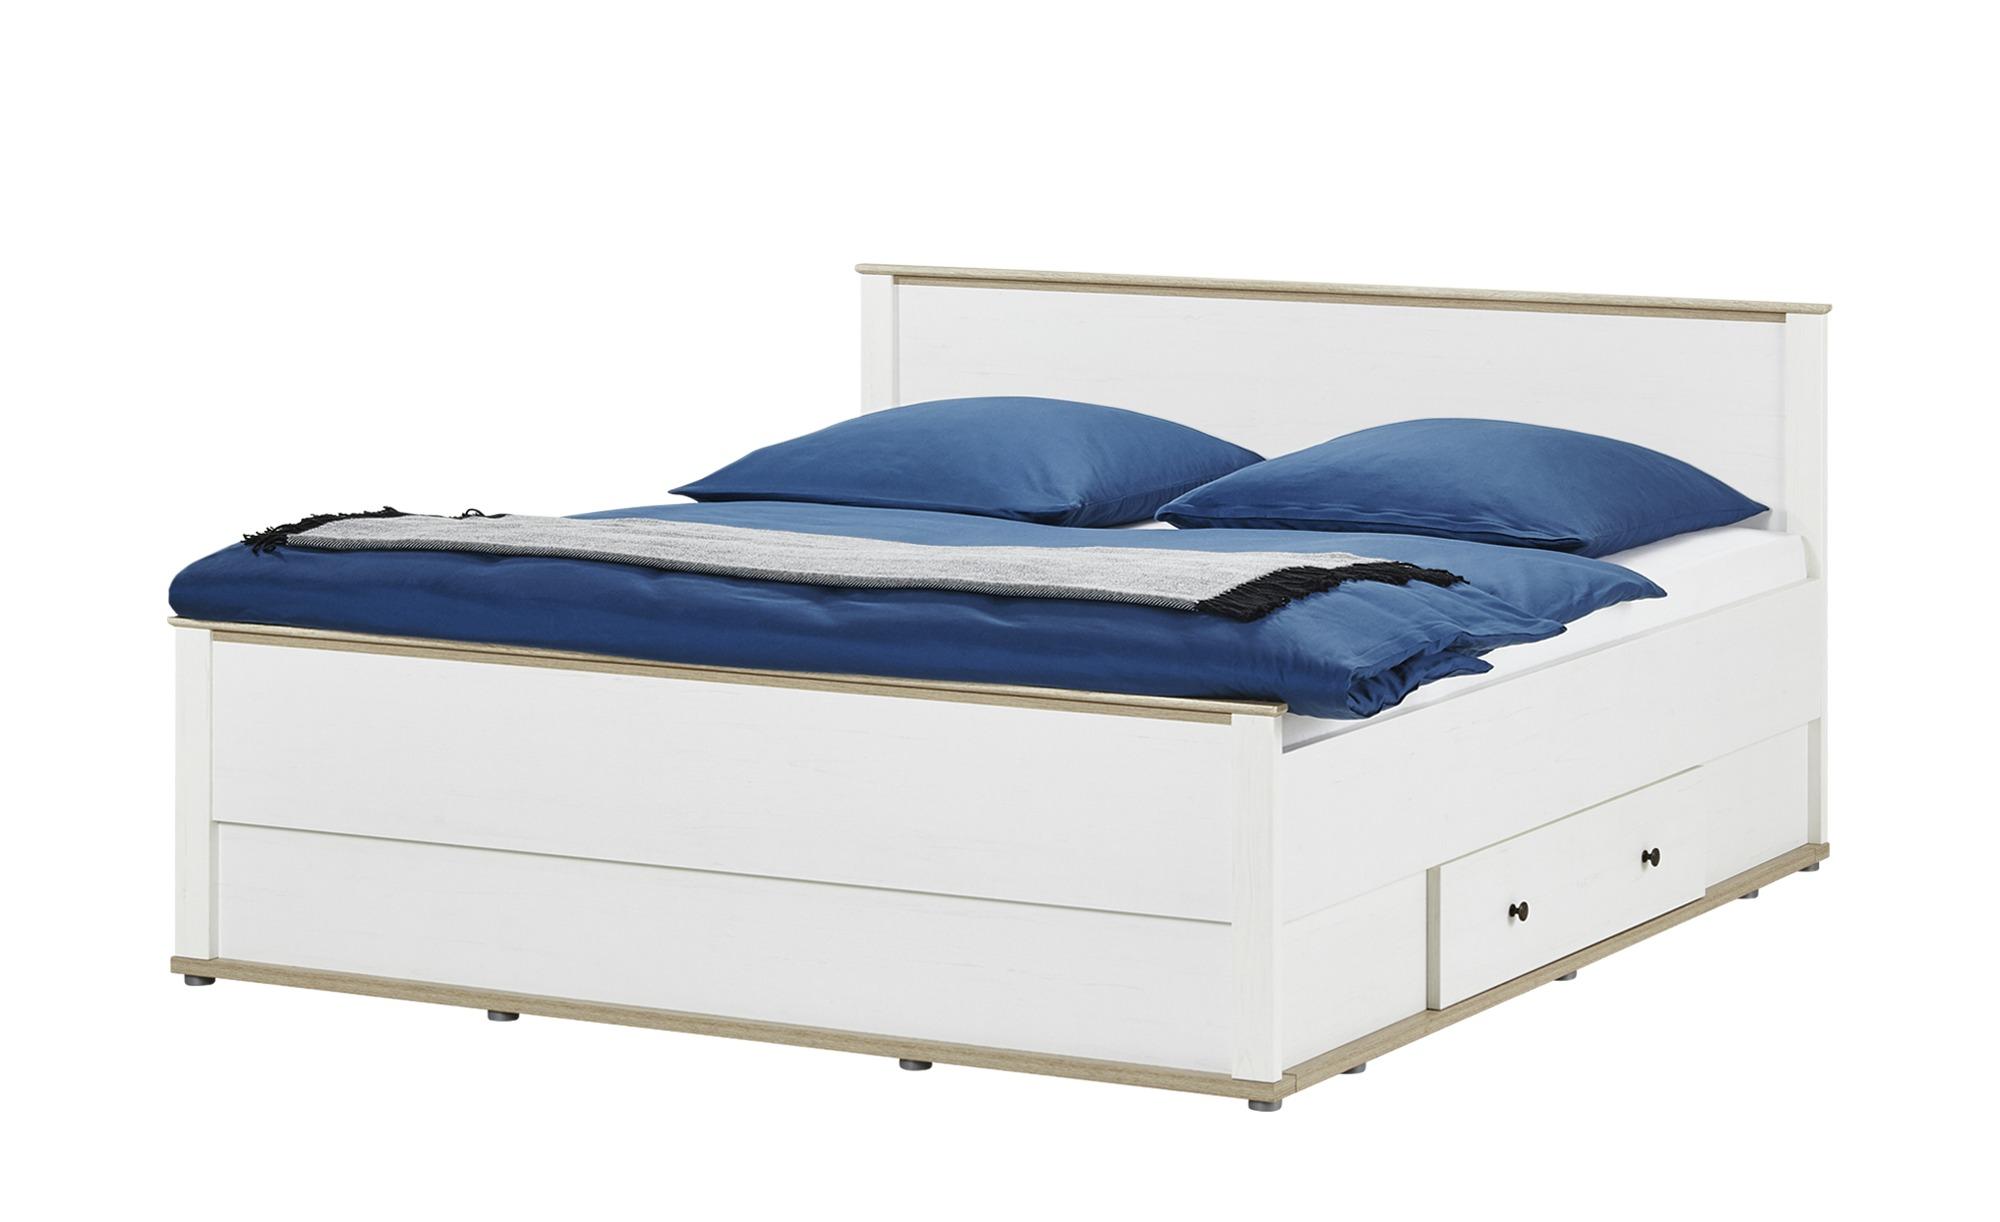 Doppelbett 180x200 Weiß Lärche Eiche Optik Carmen Weiß Maße Cm B 188 H 96 T 206 5 Betten Futonbetten Höffner In 2021 Futonbett Doppelbett 180x200 Bett